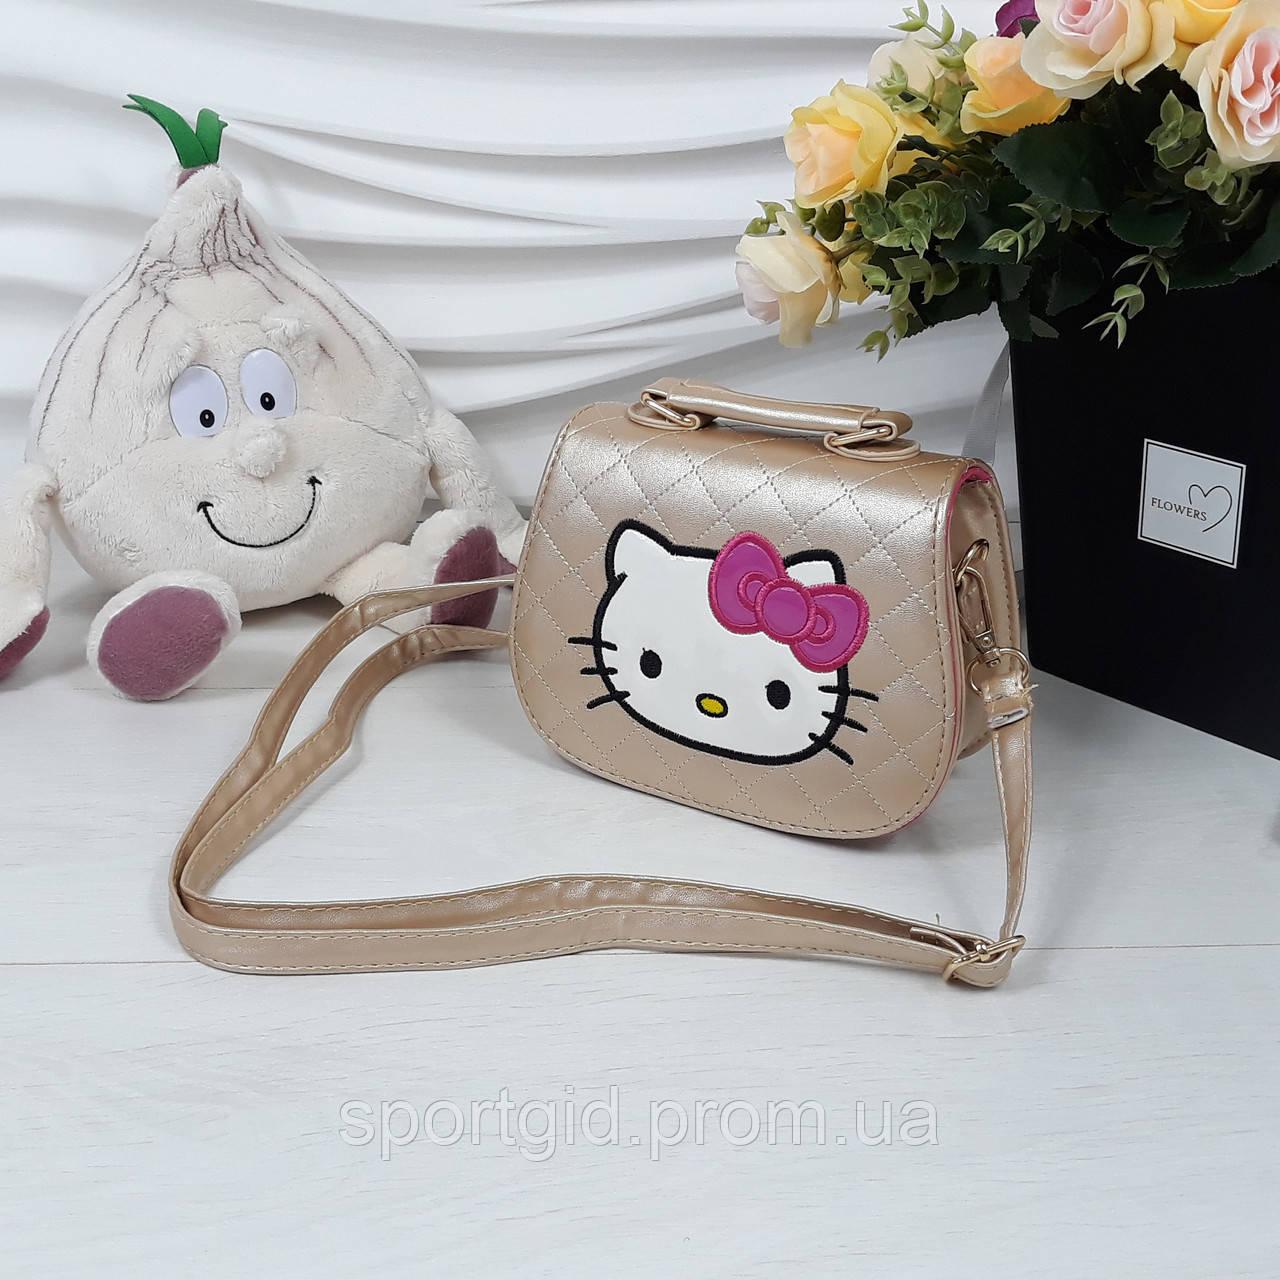 65449719e074 Лаковая детская сумочка для девочки Hello Kitty - Интернет магазин ShopoVik  в Запорожье